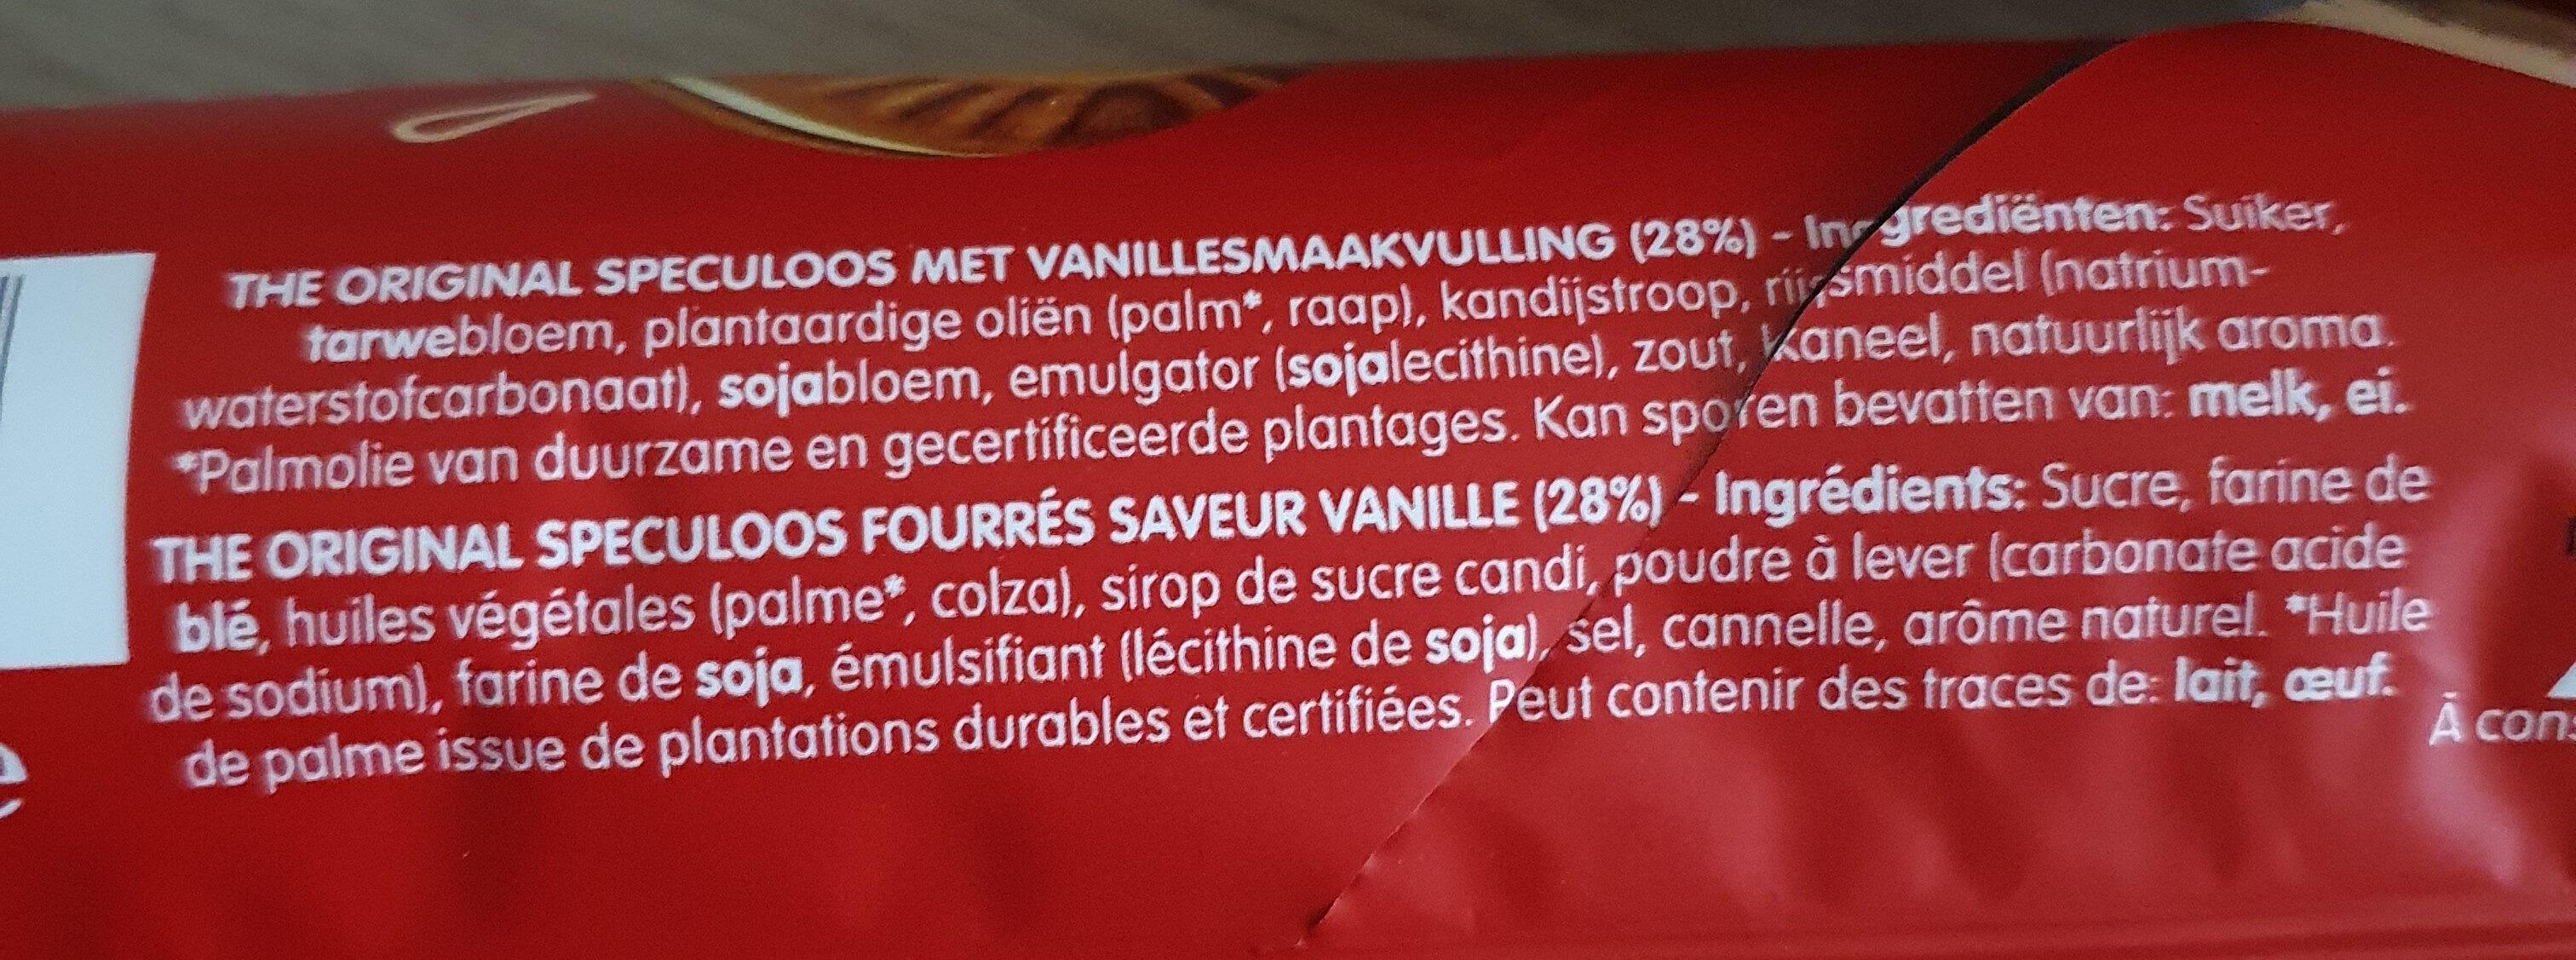 Lotus Speculoos Saveur Vanille - Ingrédients - fr